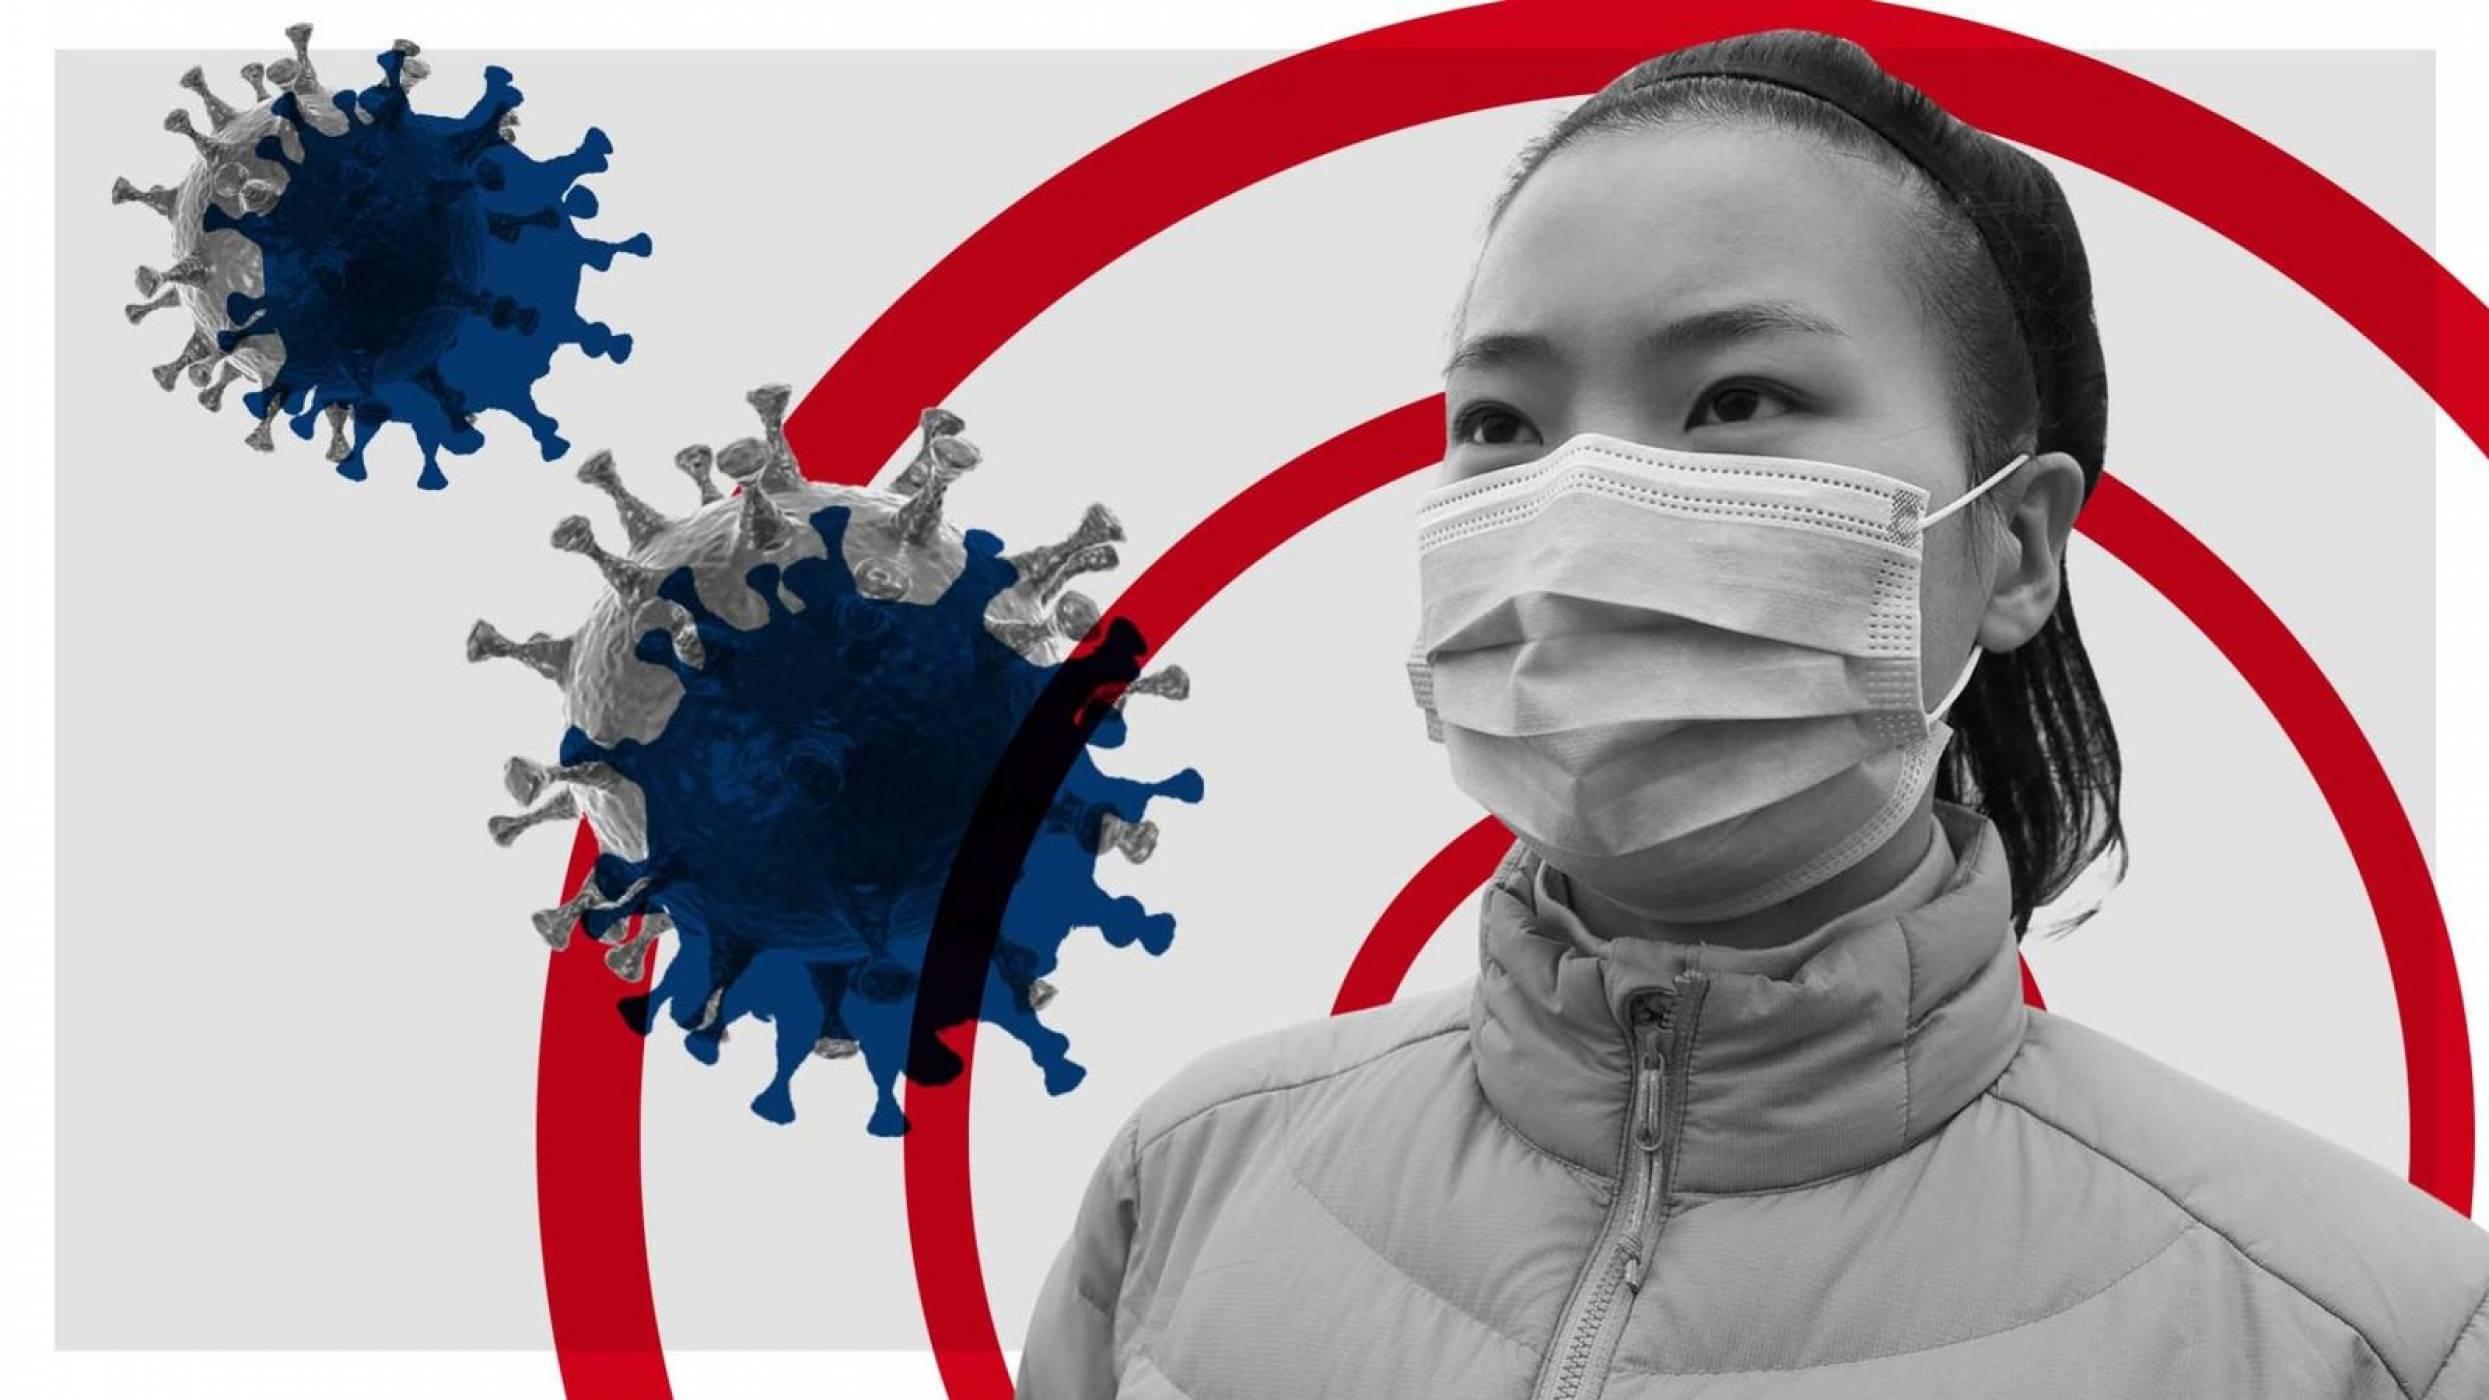 Новият коронавирус – поредният грип или сериозна глобална заплаха?